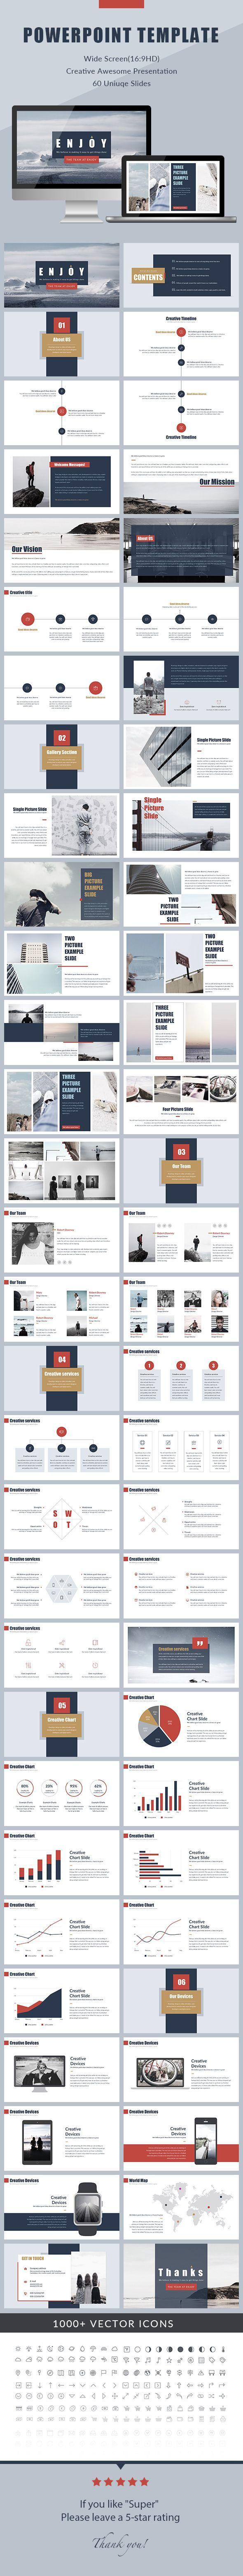 #Enjoy - Minimal PowerPoint Presentation - Creative #PowerPoint #Templates Download here:  https://graphicriver.net/item/enjoy-minimal-powerpoint-presentation/18132196?ref=suz_562geid